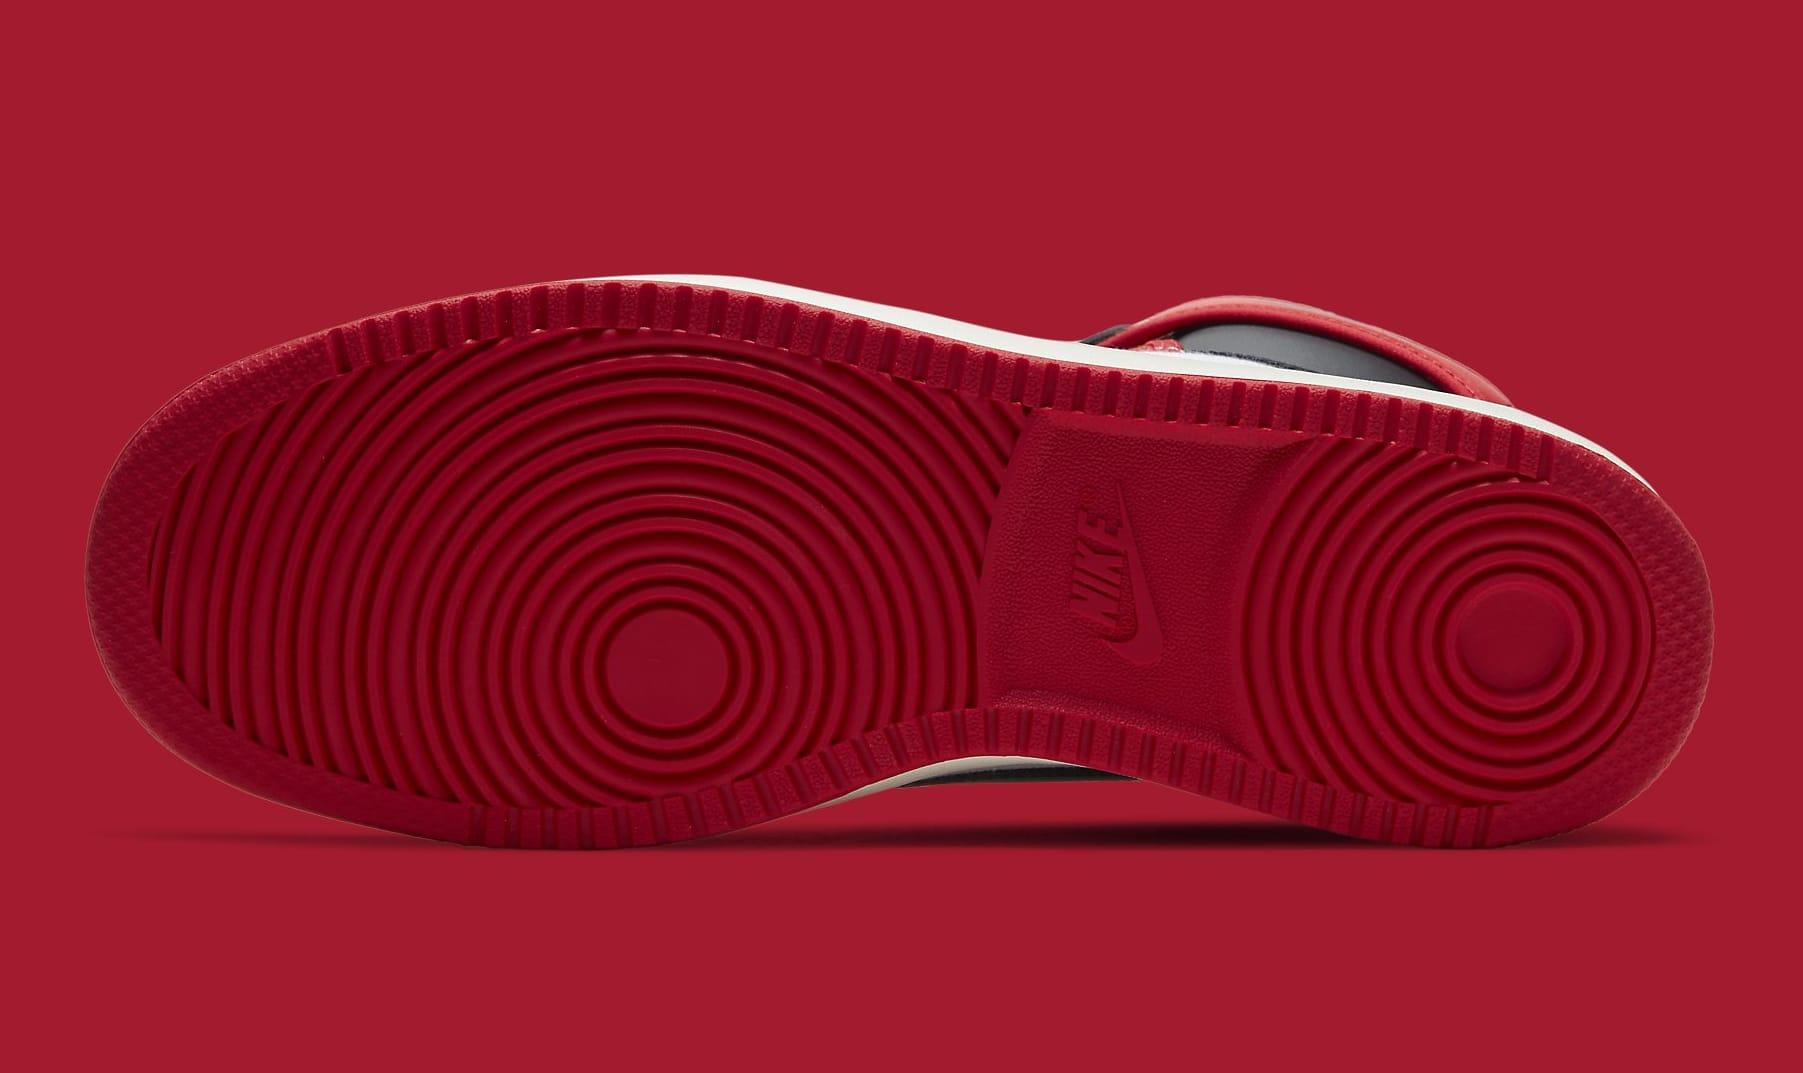 Air Jordan 1 KO Chicago 2021 Release Date DA9089-100 Sole